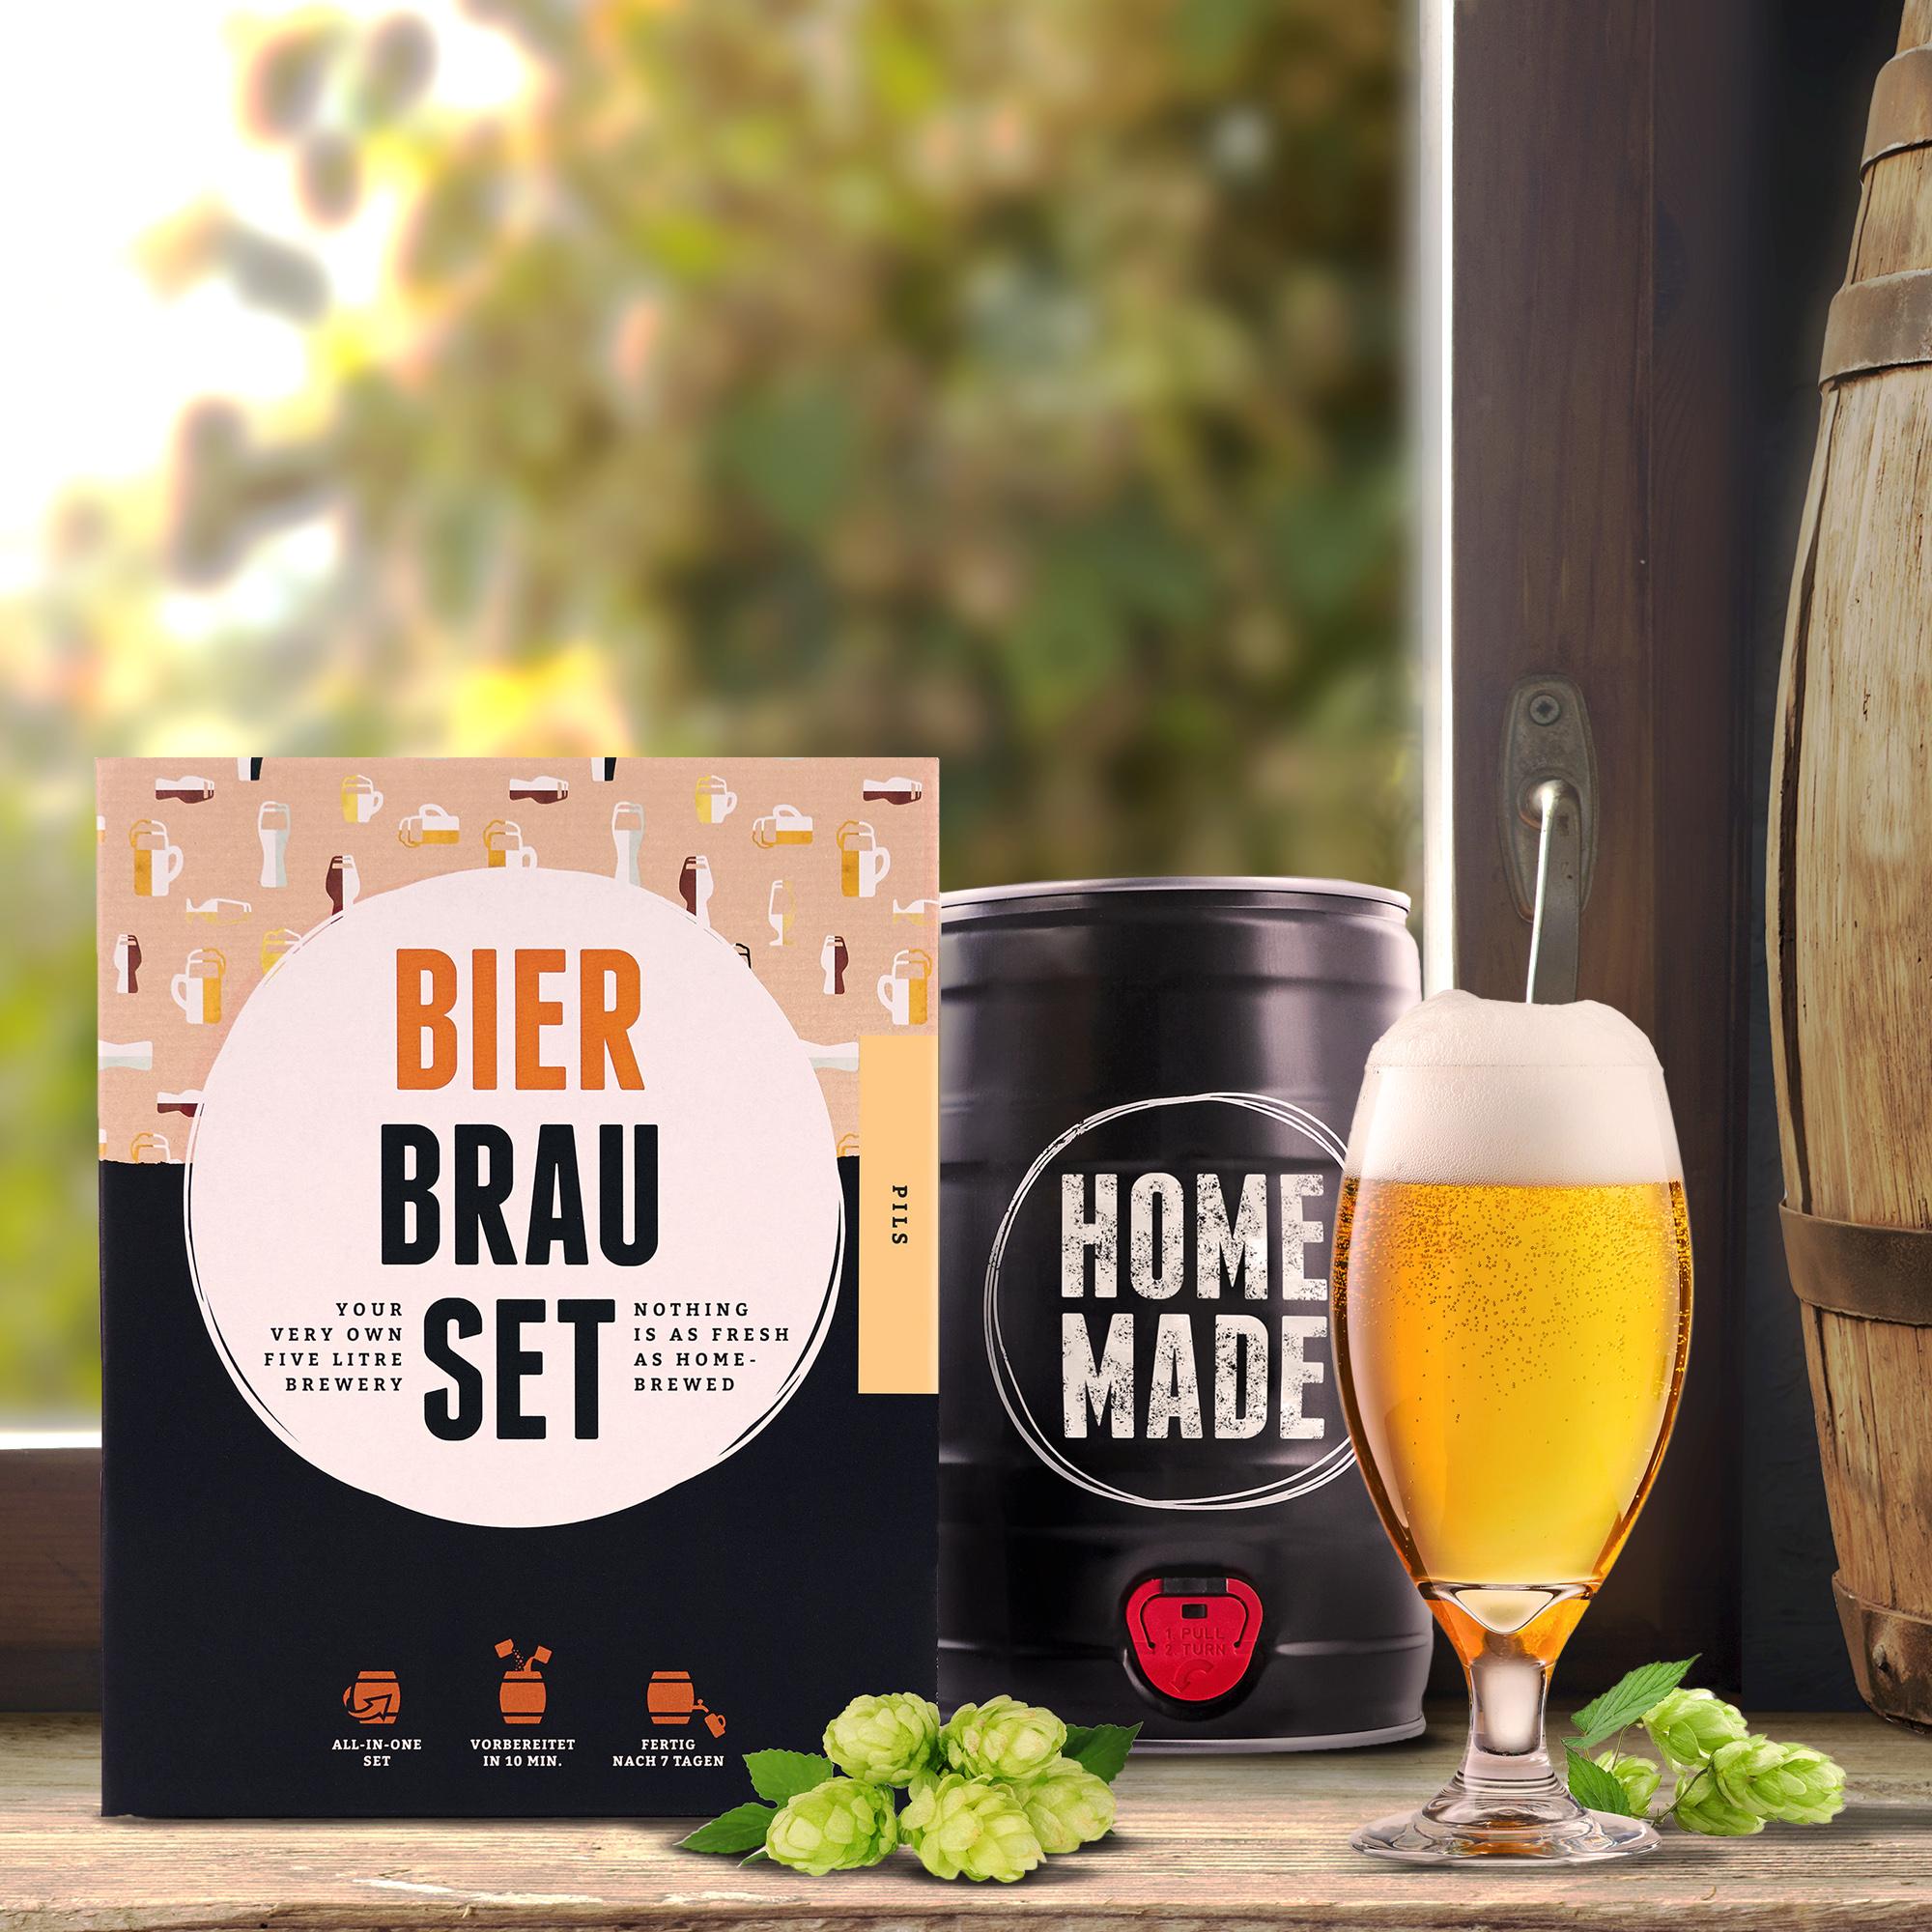 Braufässchen - Bier selber brauen - 2